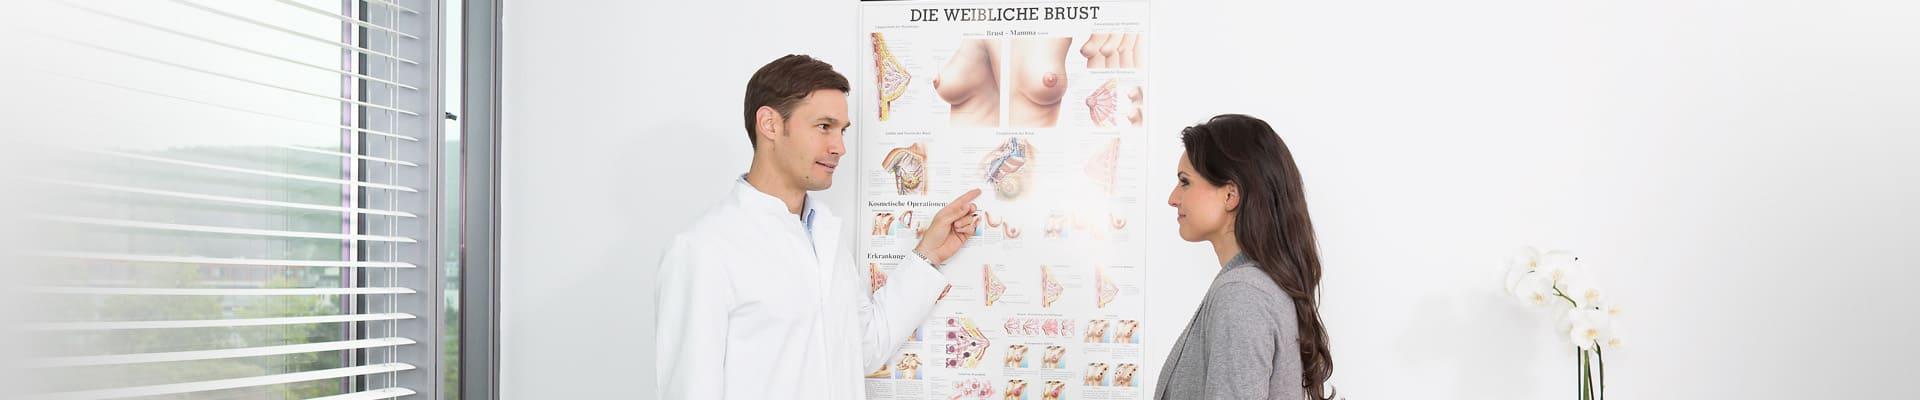 Gynaekologie-und-Senologie